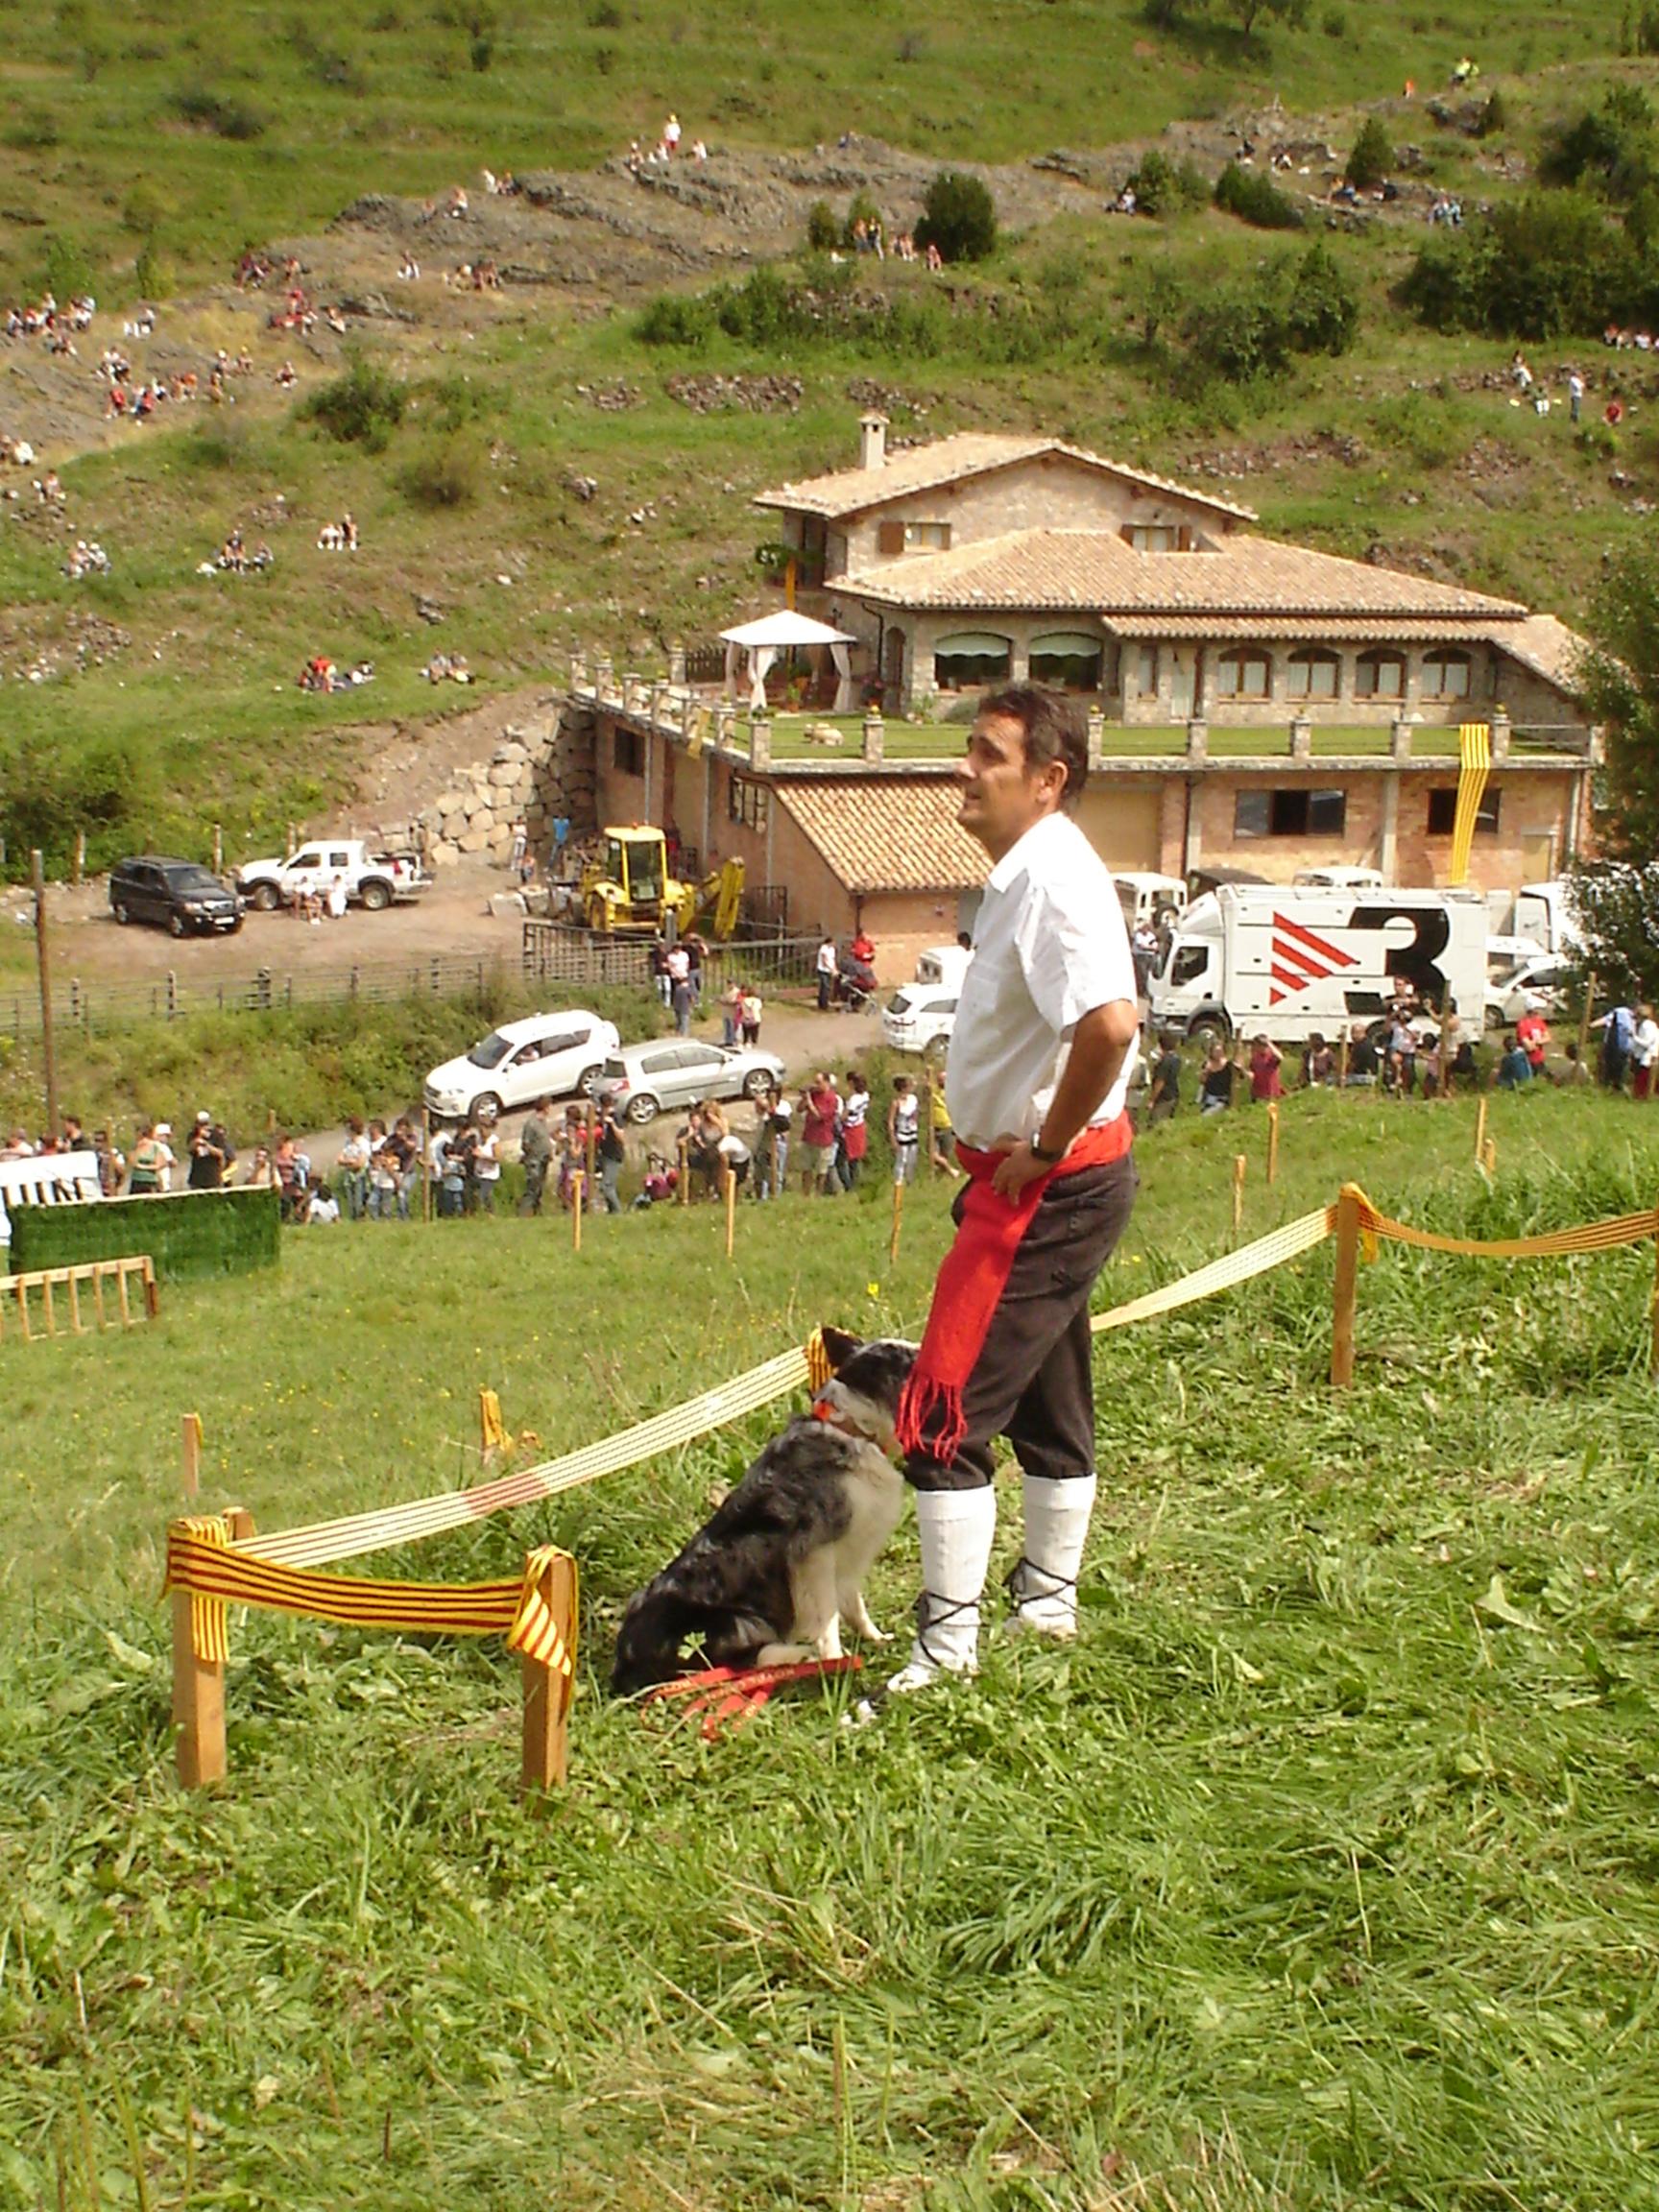 concurs gossos atura 2011 117